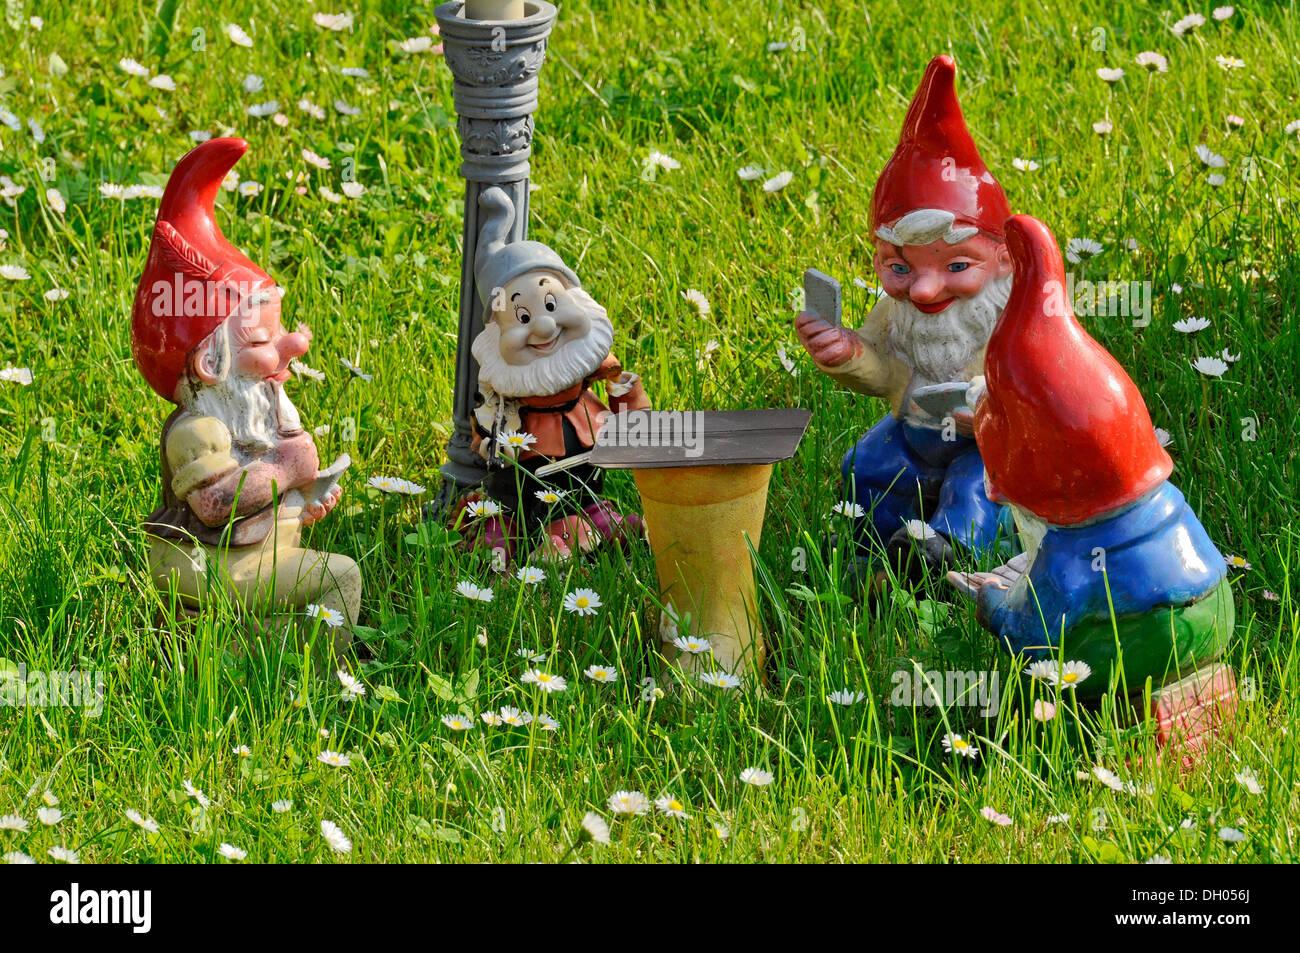 Garden Gnome In Garden Stock Photos & Garden Gnome In Garden Stock ...